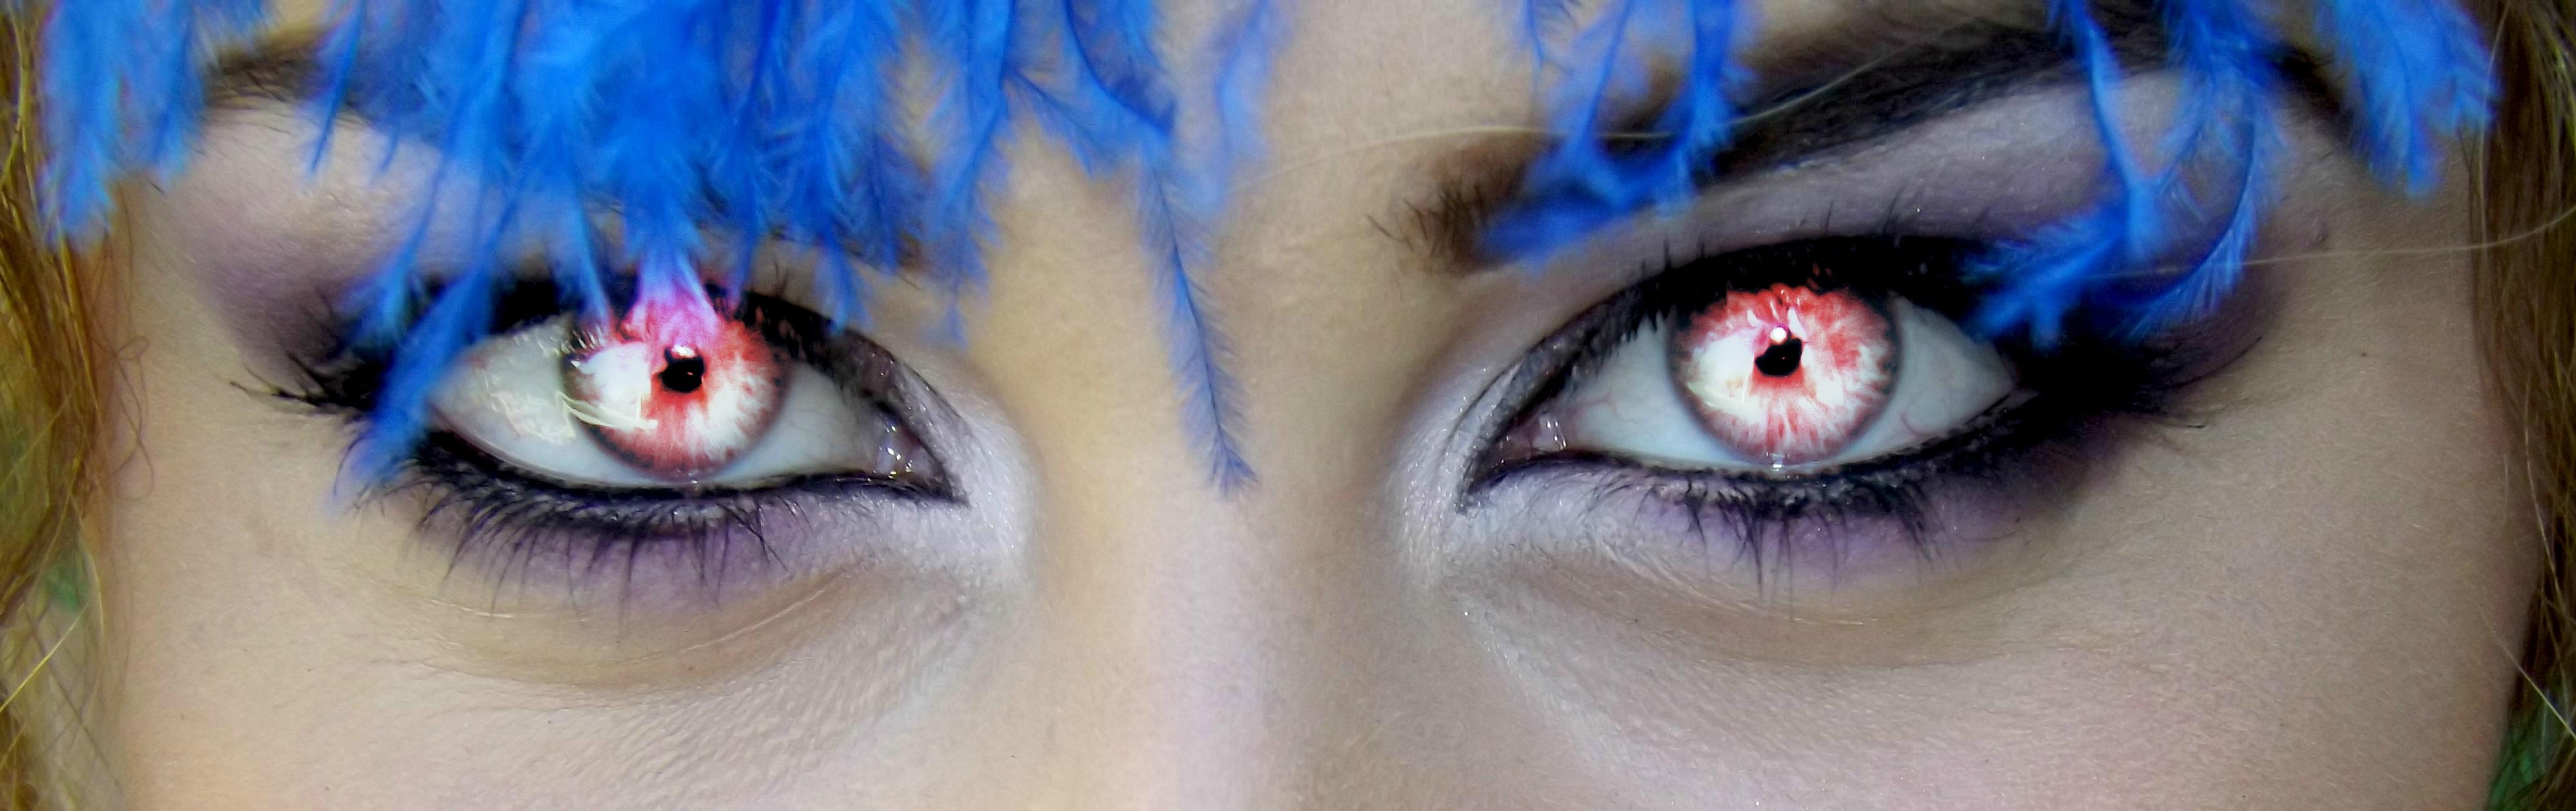 Ojos pelo azul